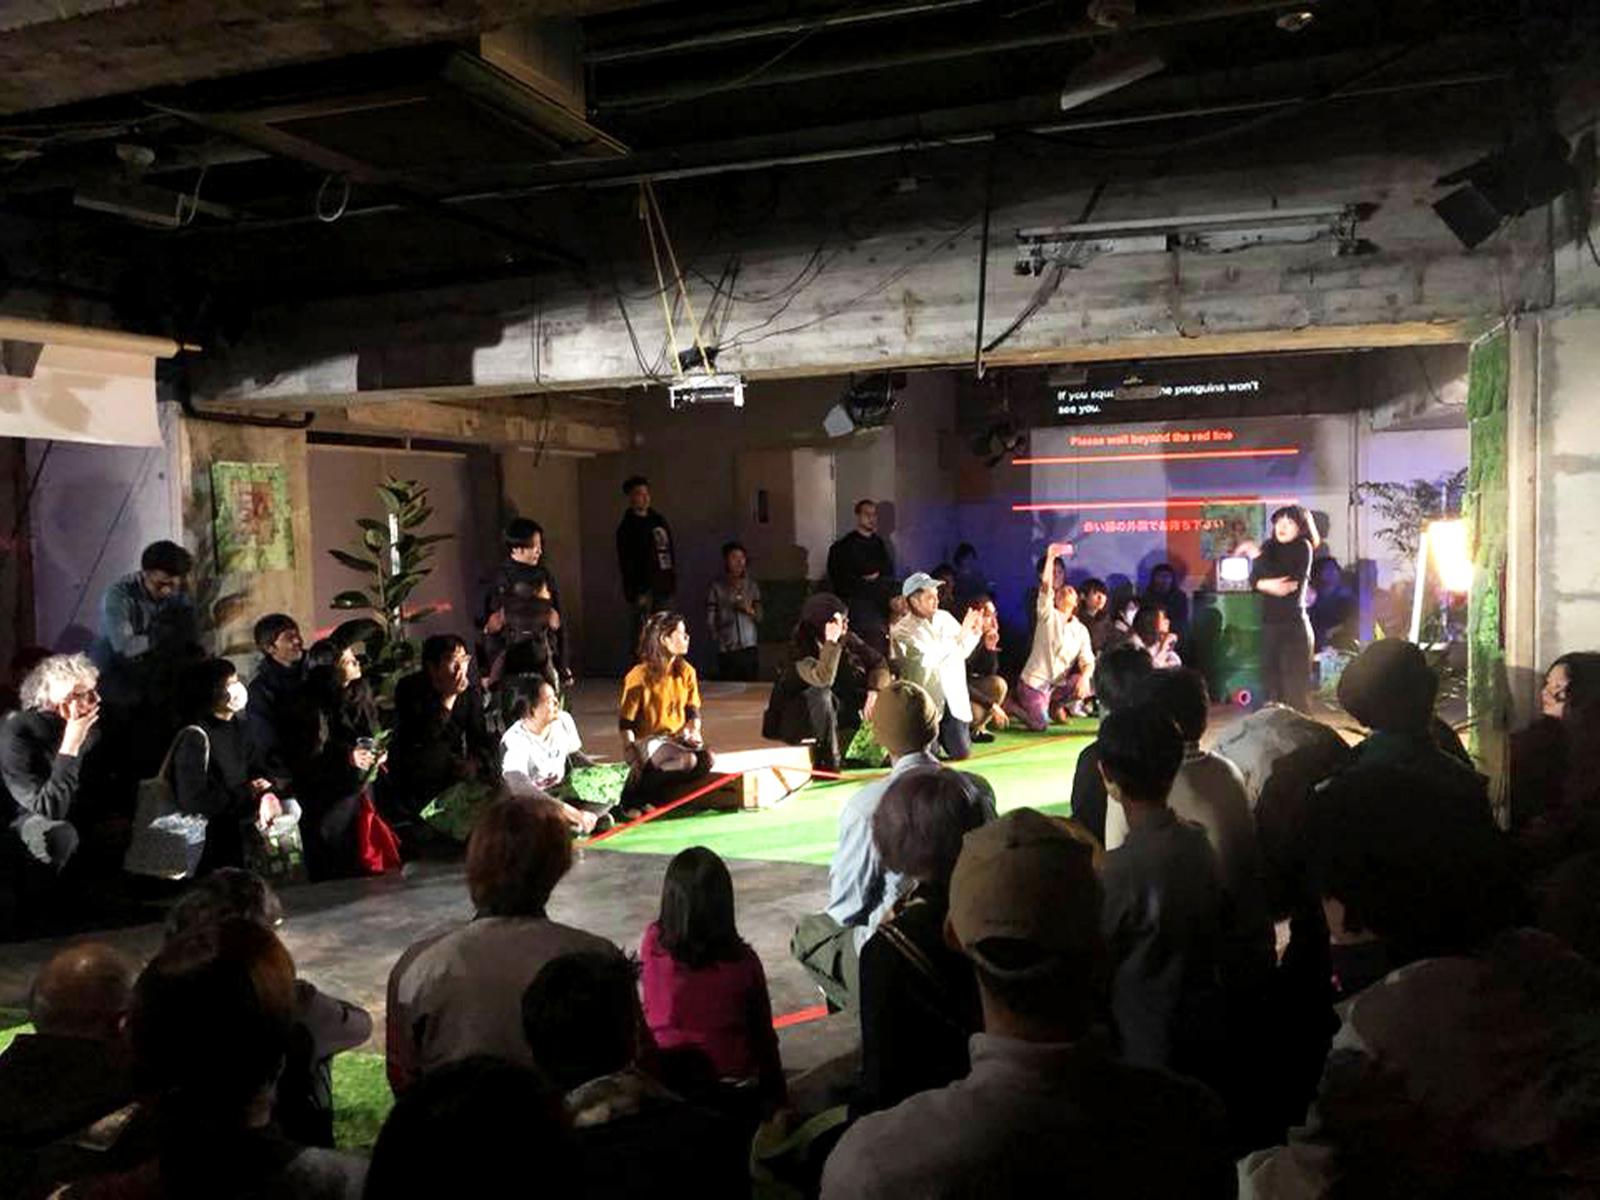 地下で開催された公演のひとつ。